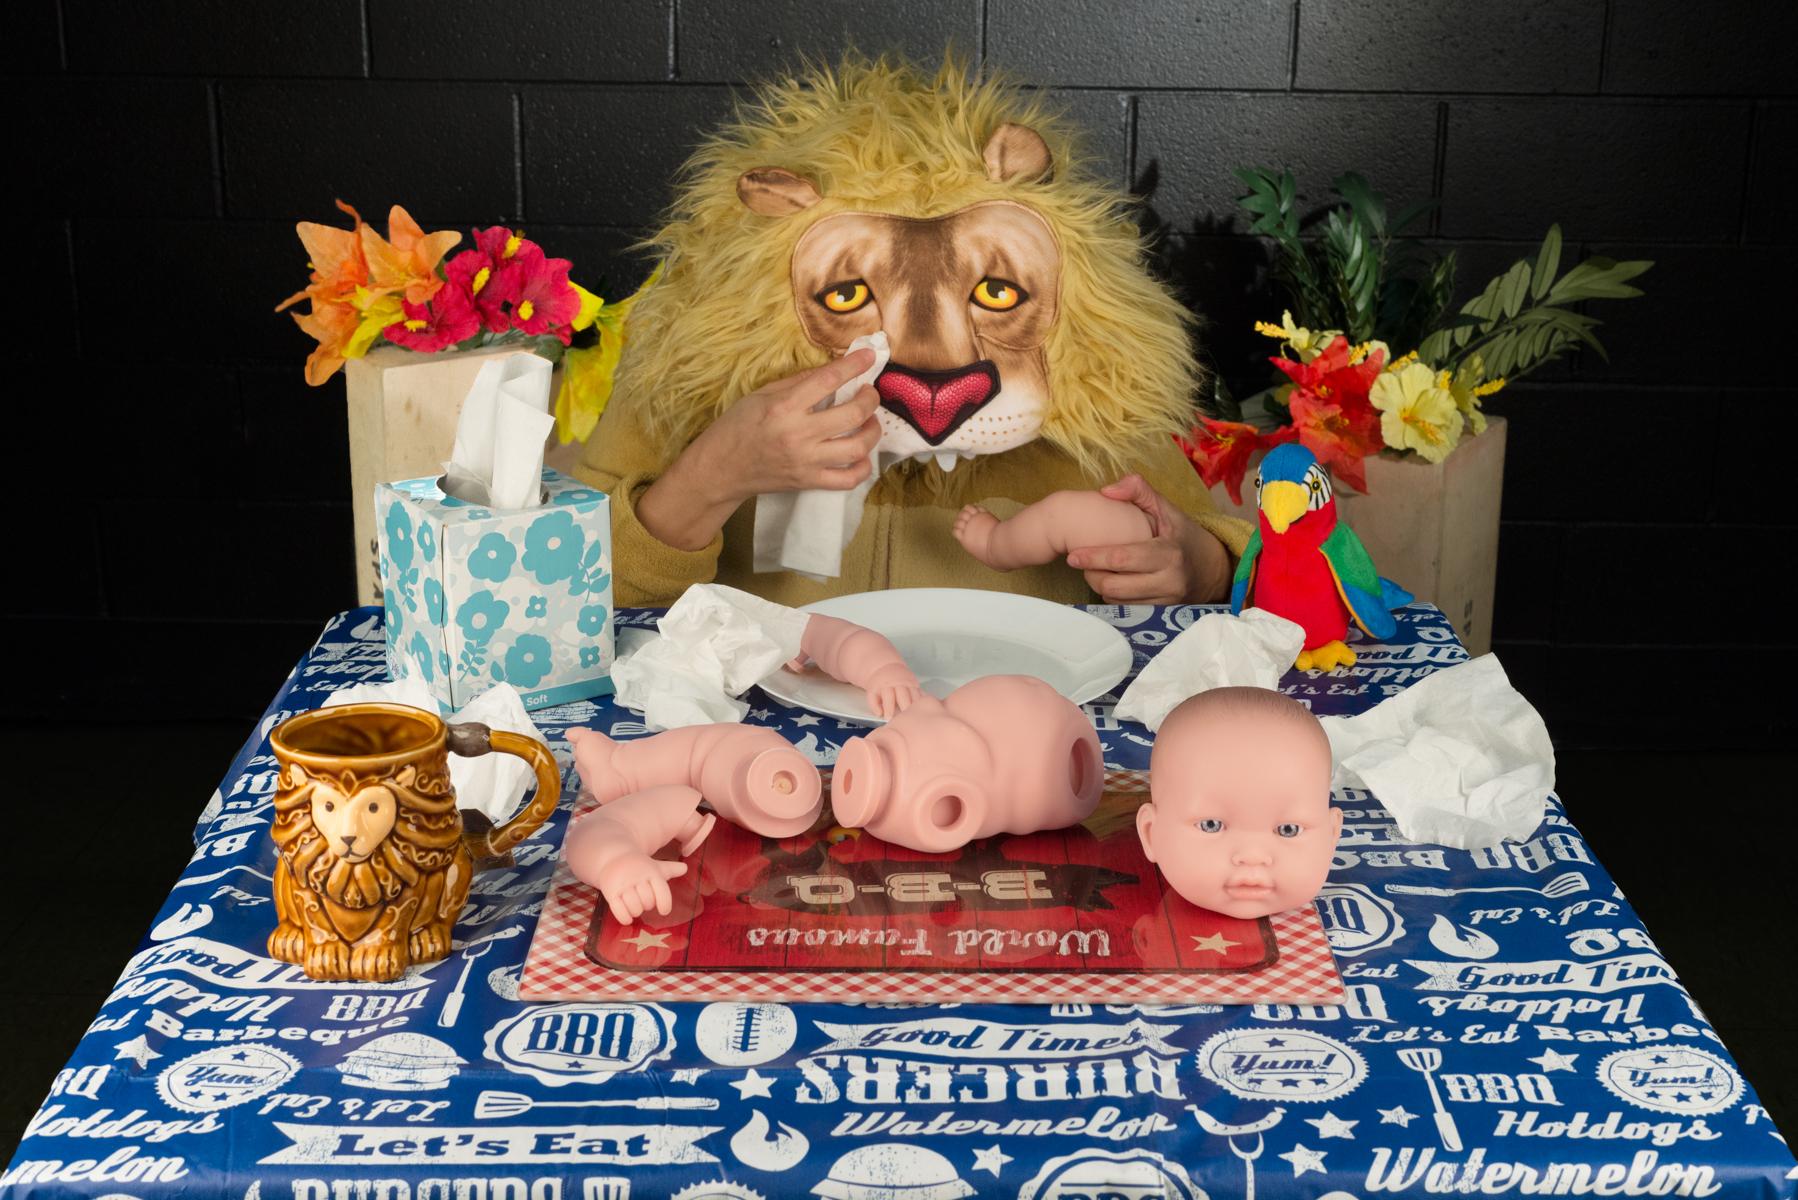 Sad Little Lion Has to Eatz, 2017